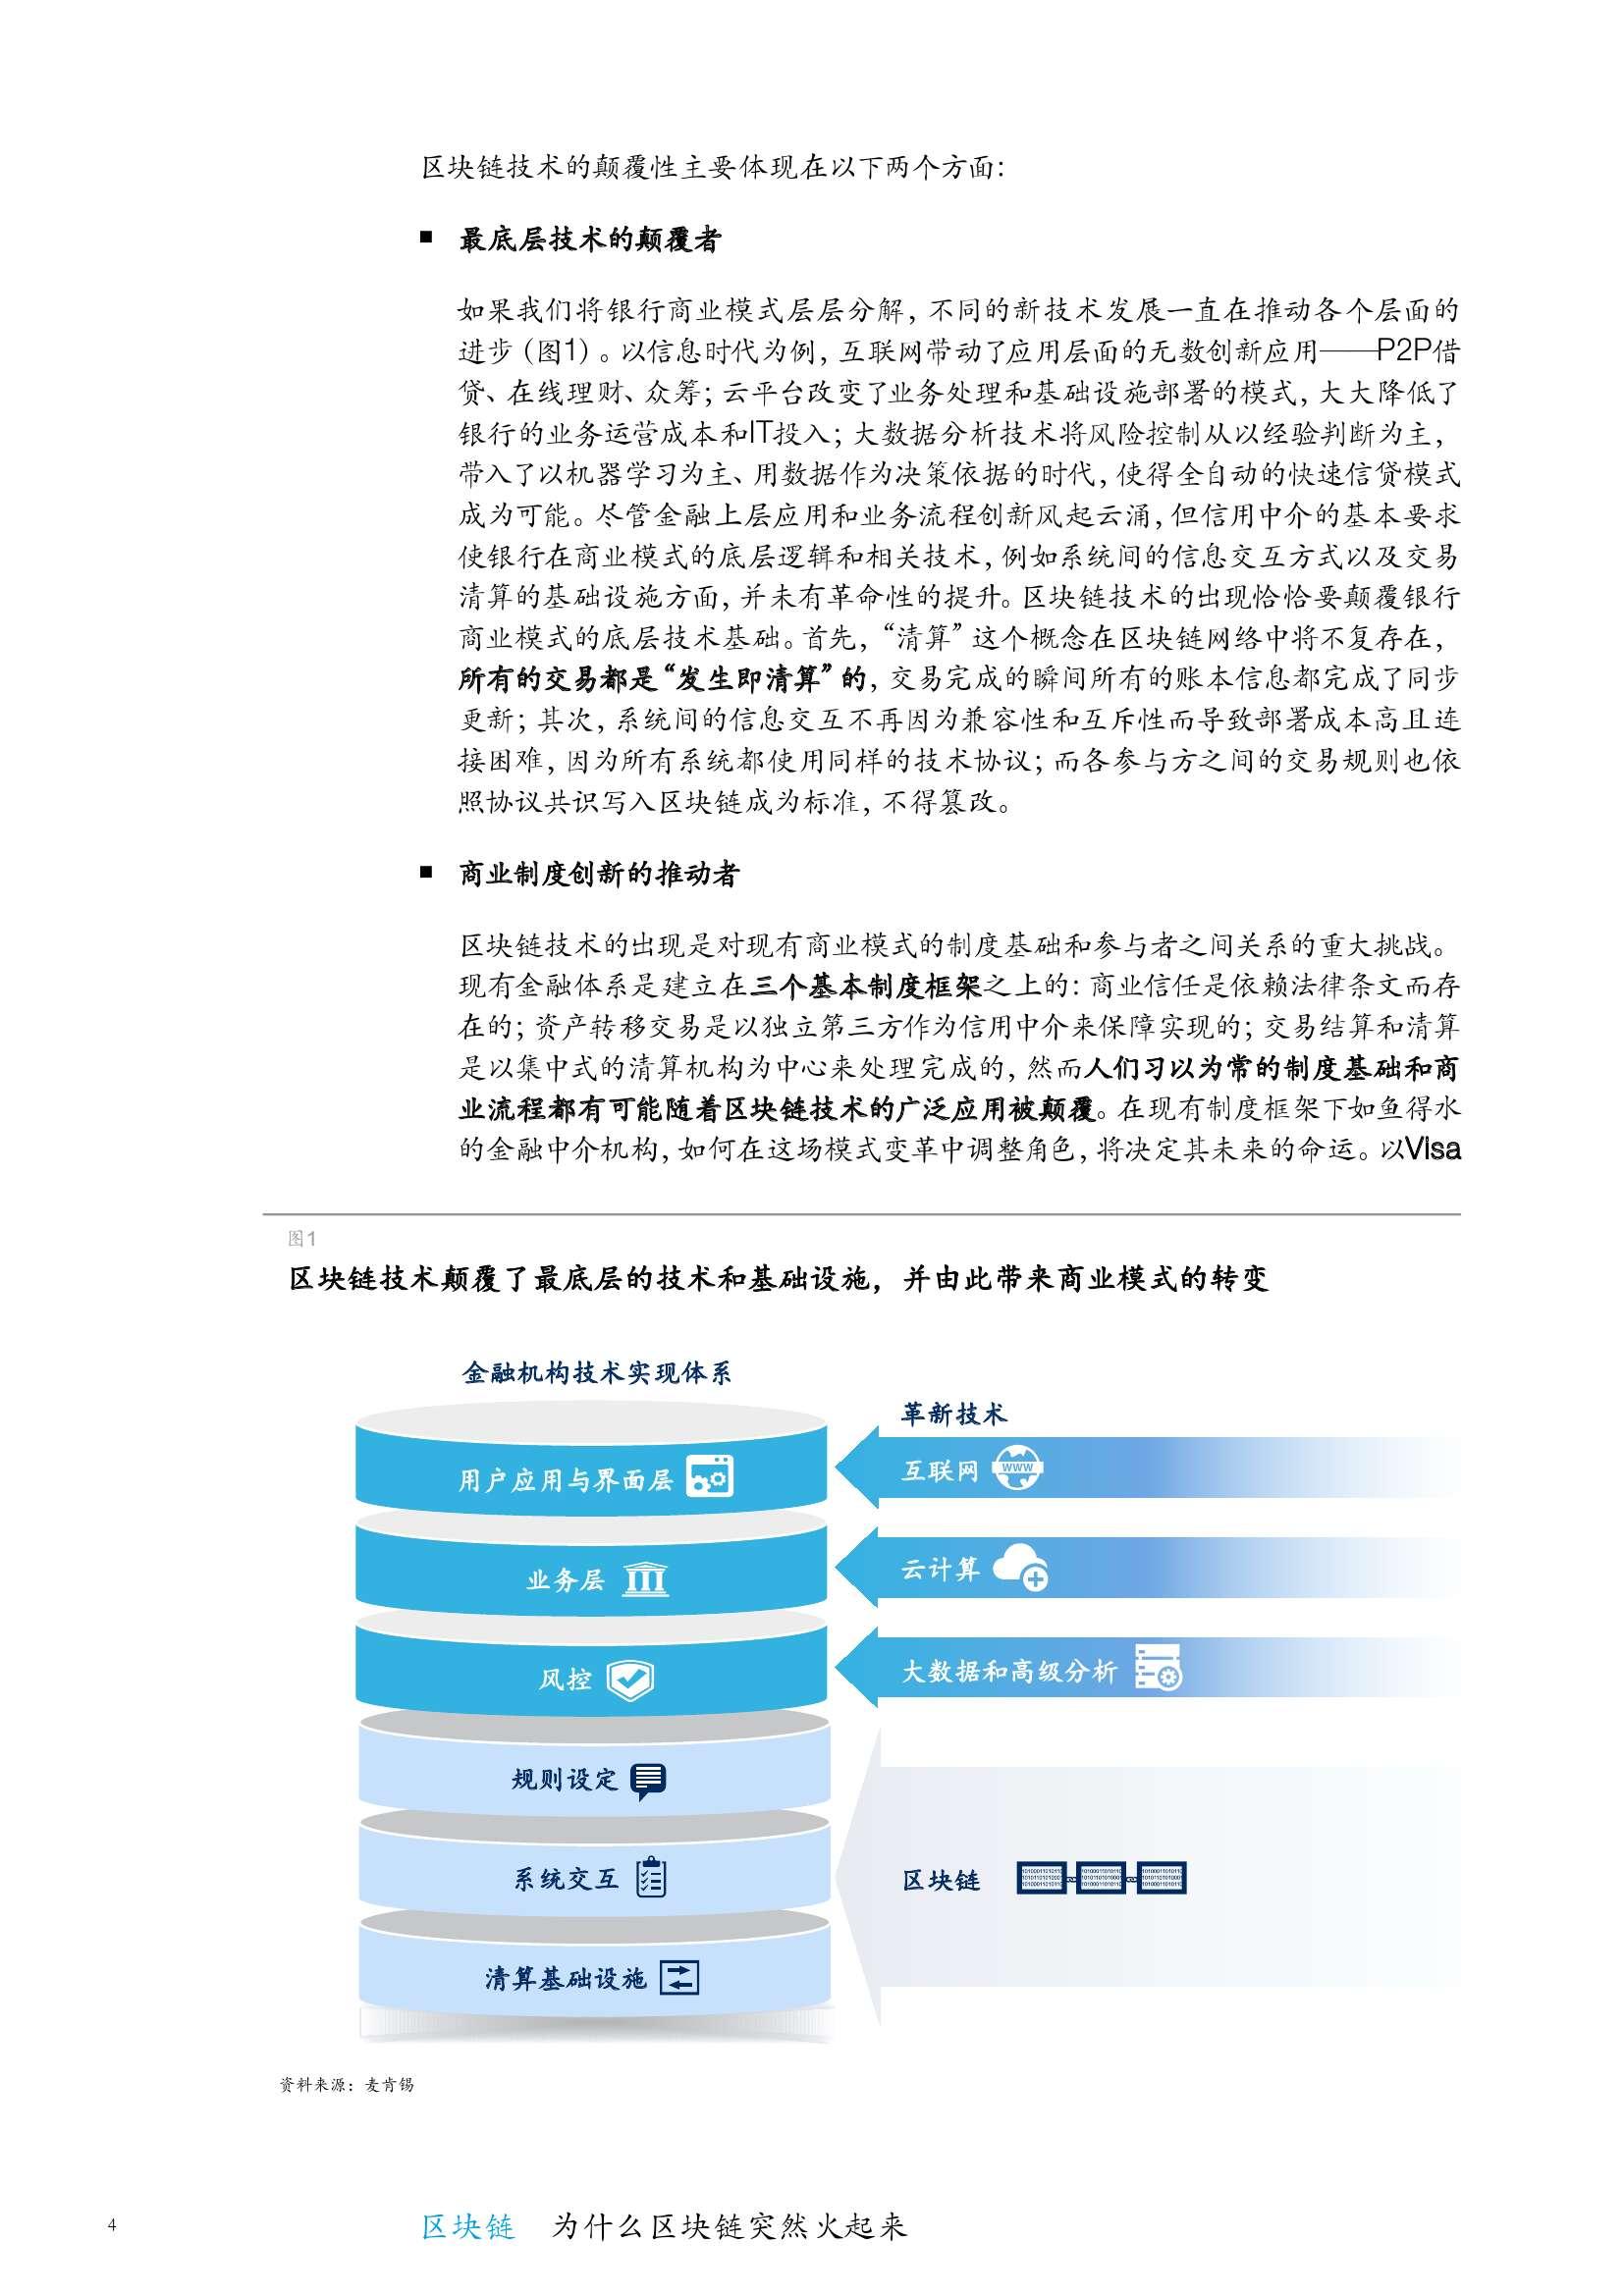 中国银行业白皮书4_000010